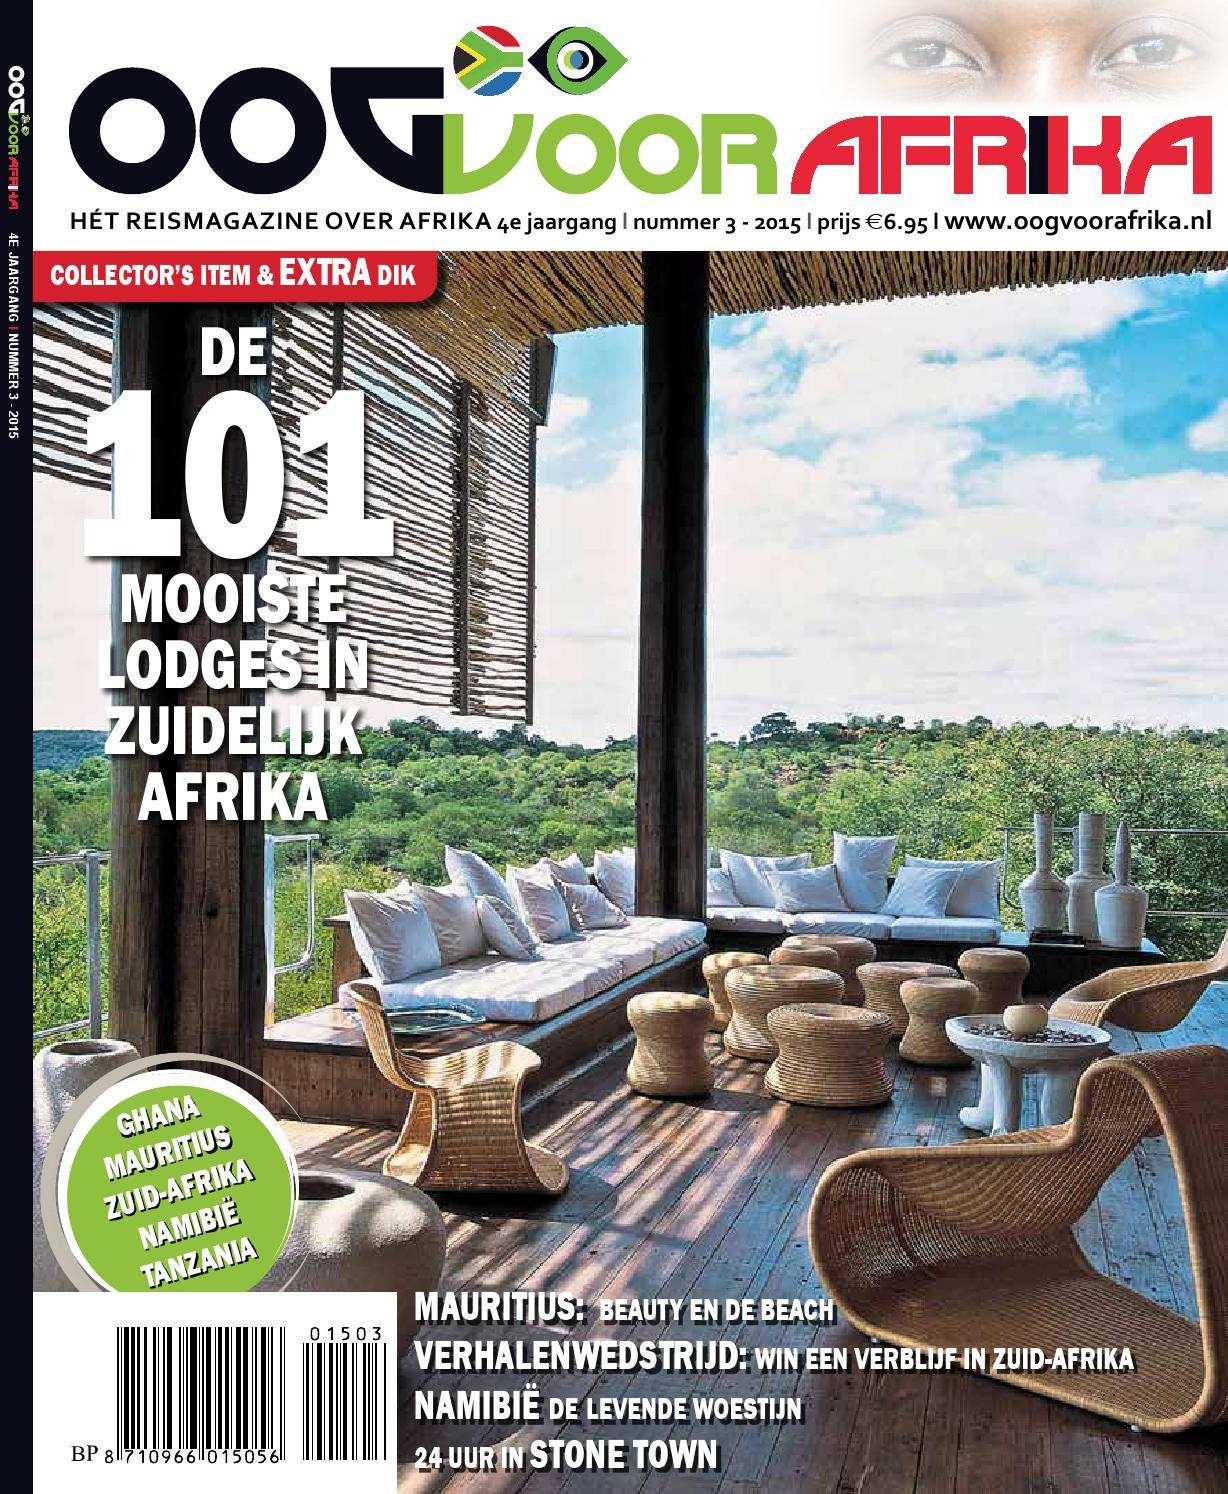 Oog voor afrika 03 2015 by oog voor afrika   issuu